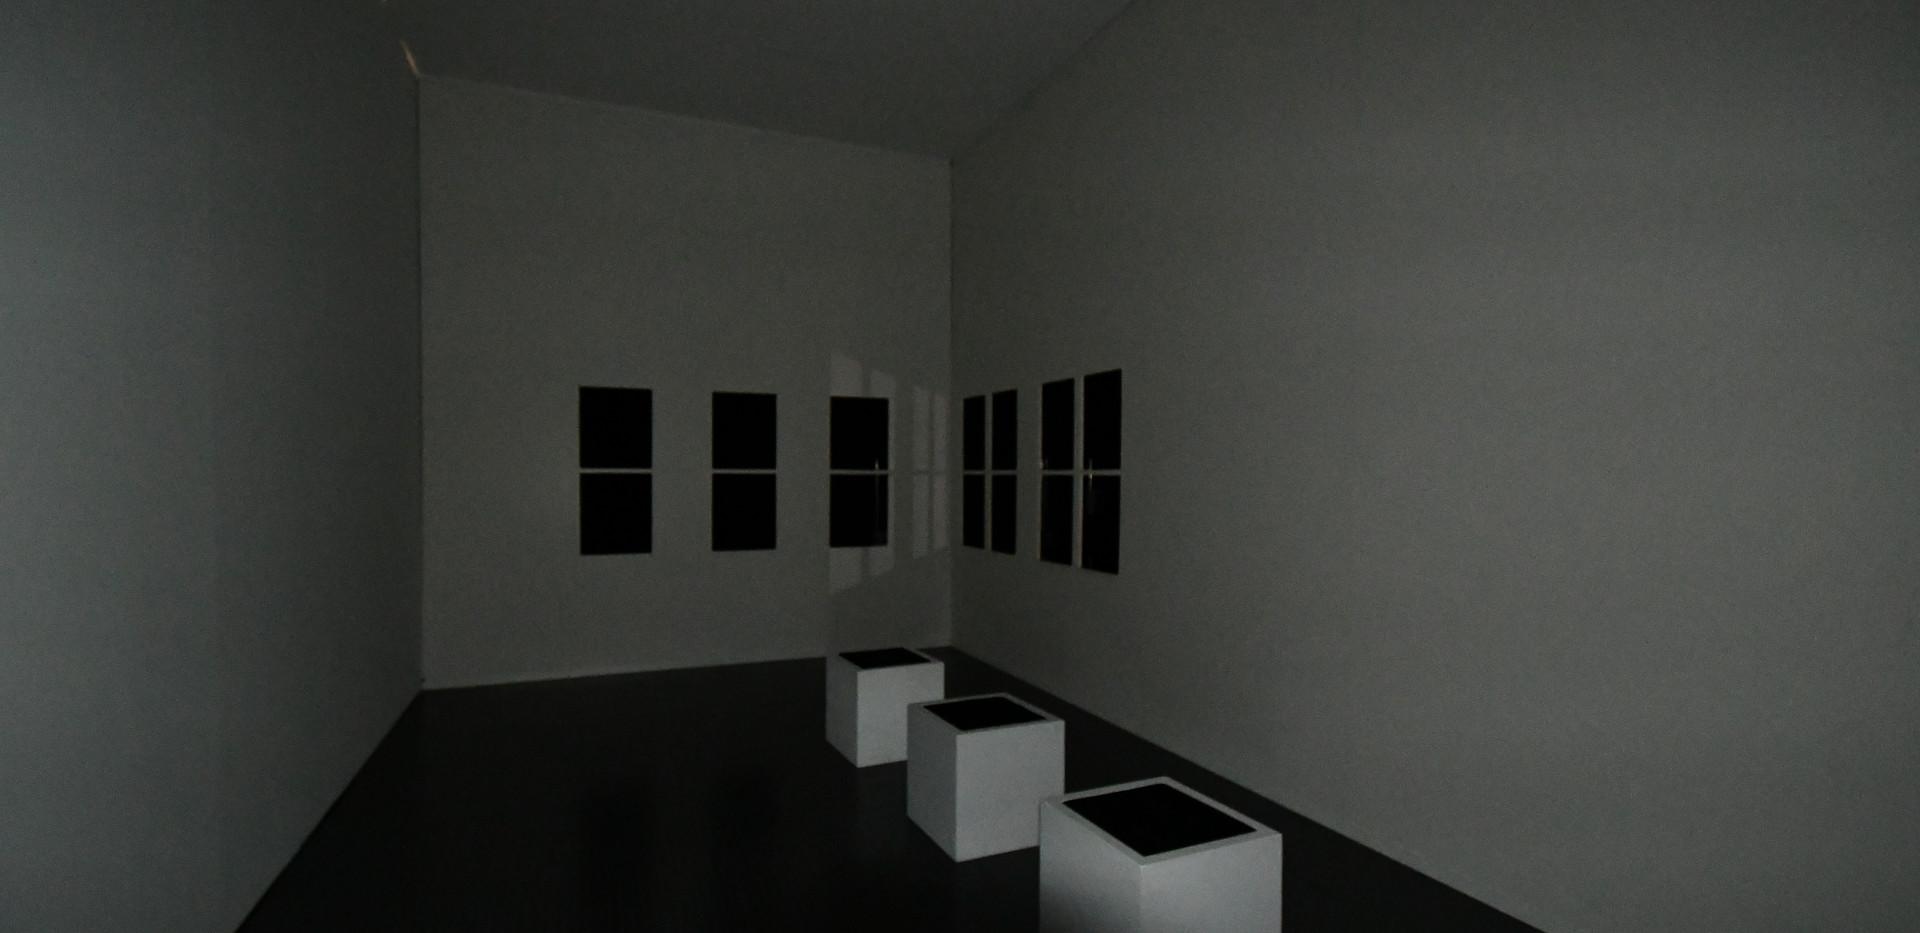 2018 - Peindre la Nuit